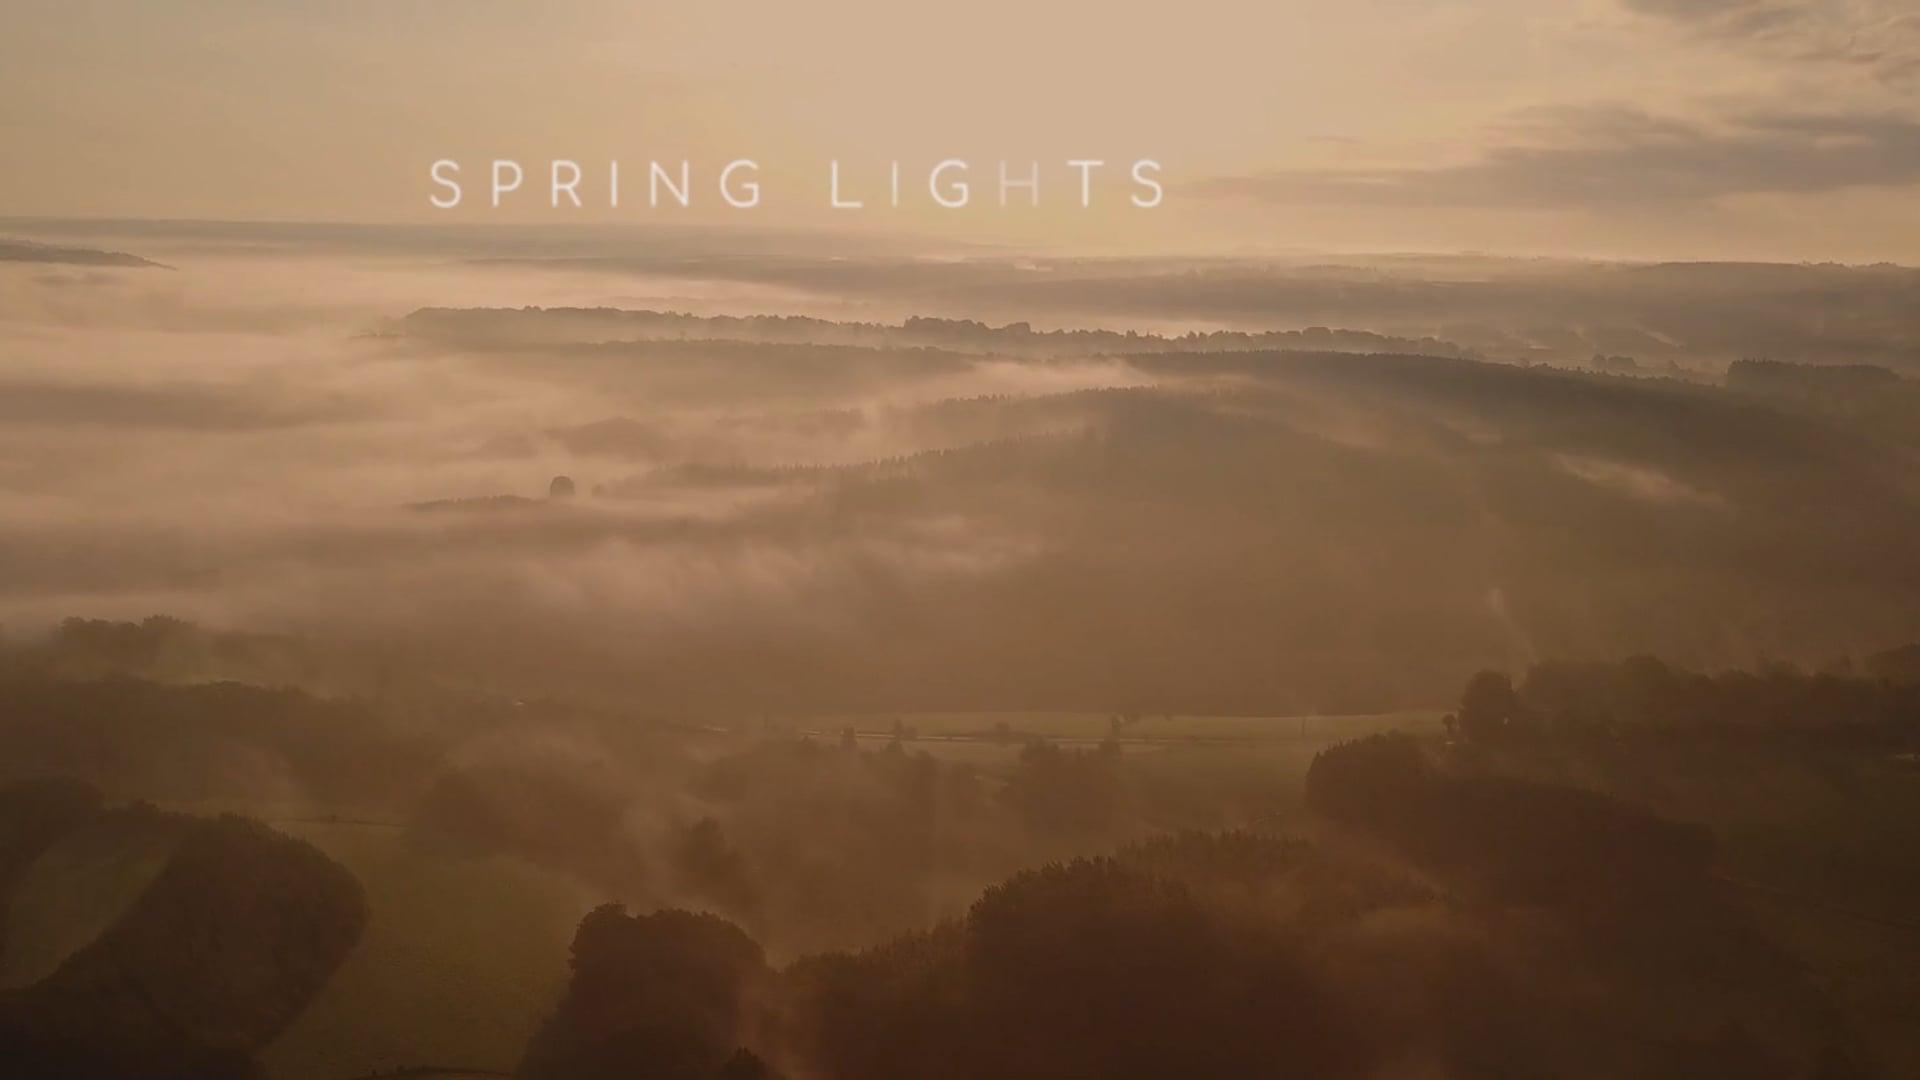 Spring Lights - EV